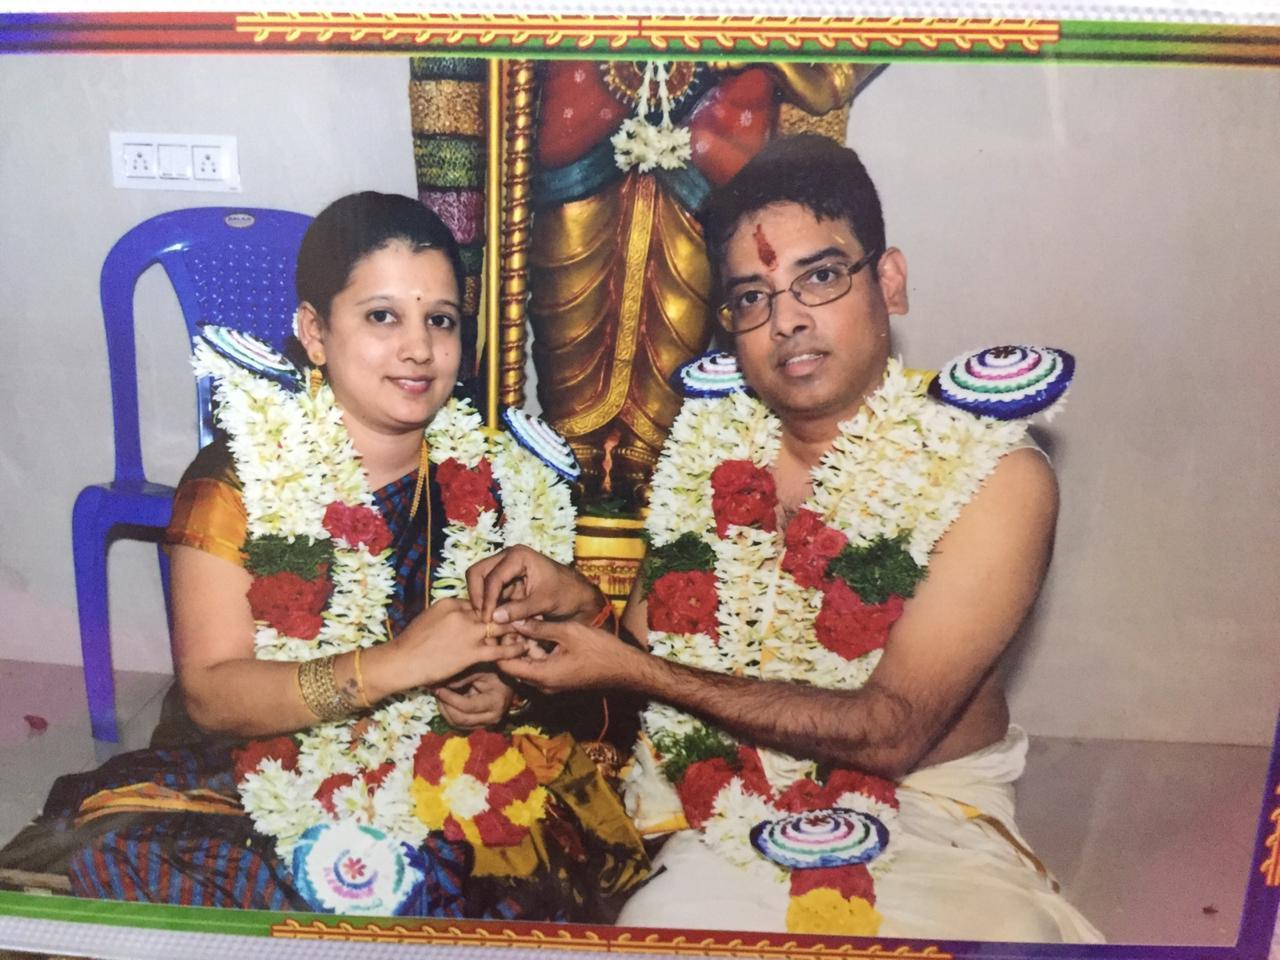 இன்ஜினீயர் ஜெயகரன், நடிகை ராதிகா